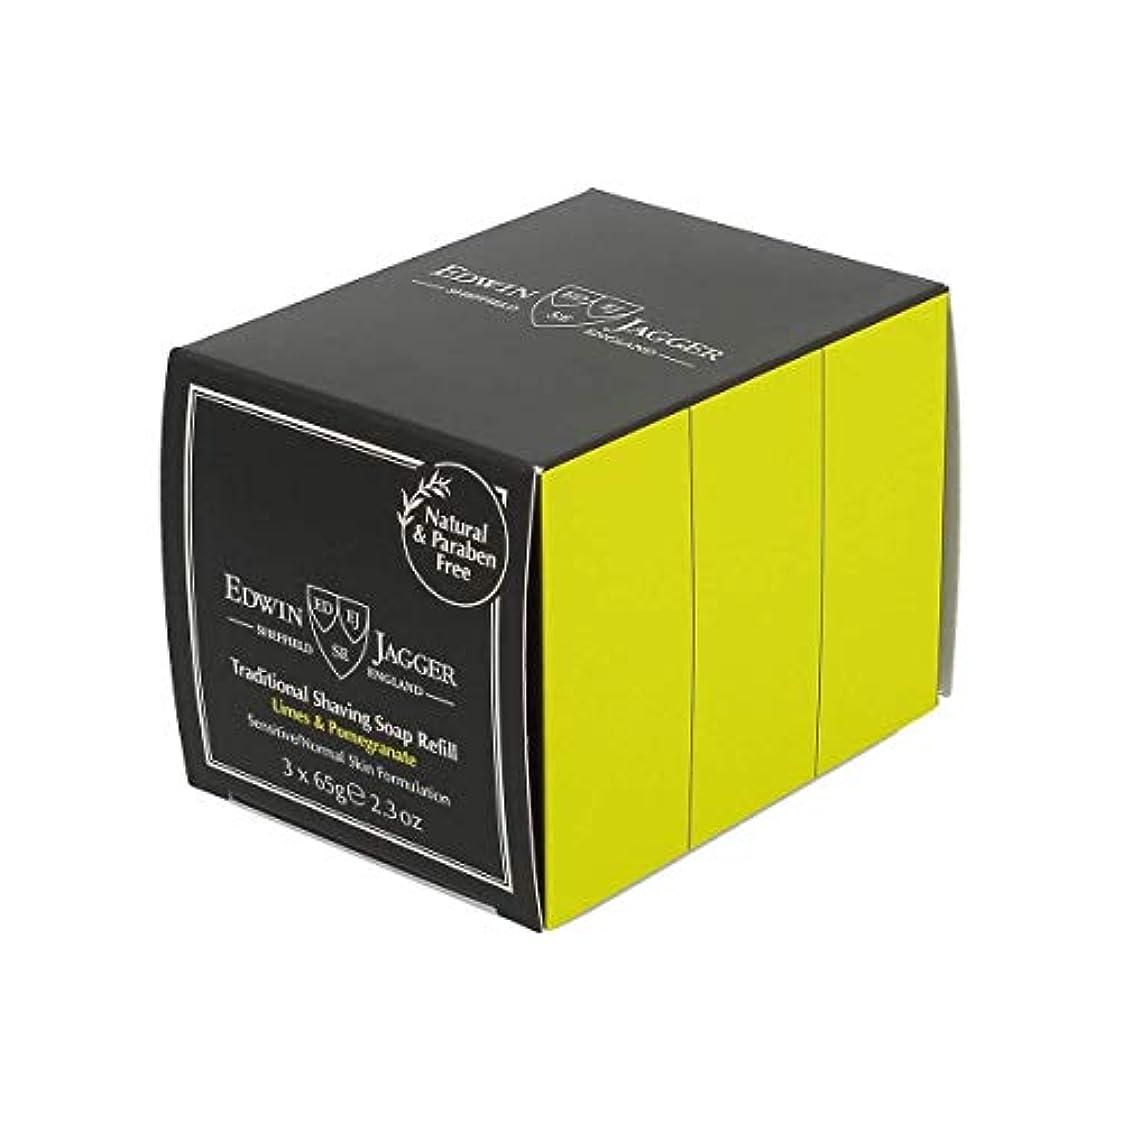 バウンドアンデス山脈モデレータエドウィンジャガー トラディショナルシェービングソープ ライム&ザクロ65g 3パック[海外直送品]Edwin Jagger Traditional Shaving Soap Limes and Pomegranate...